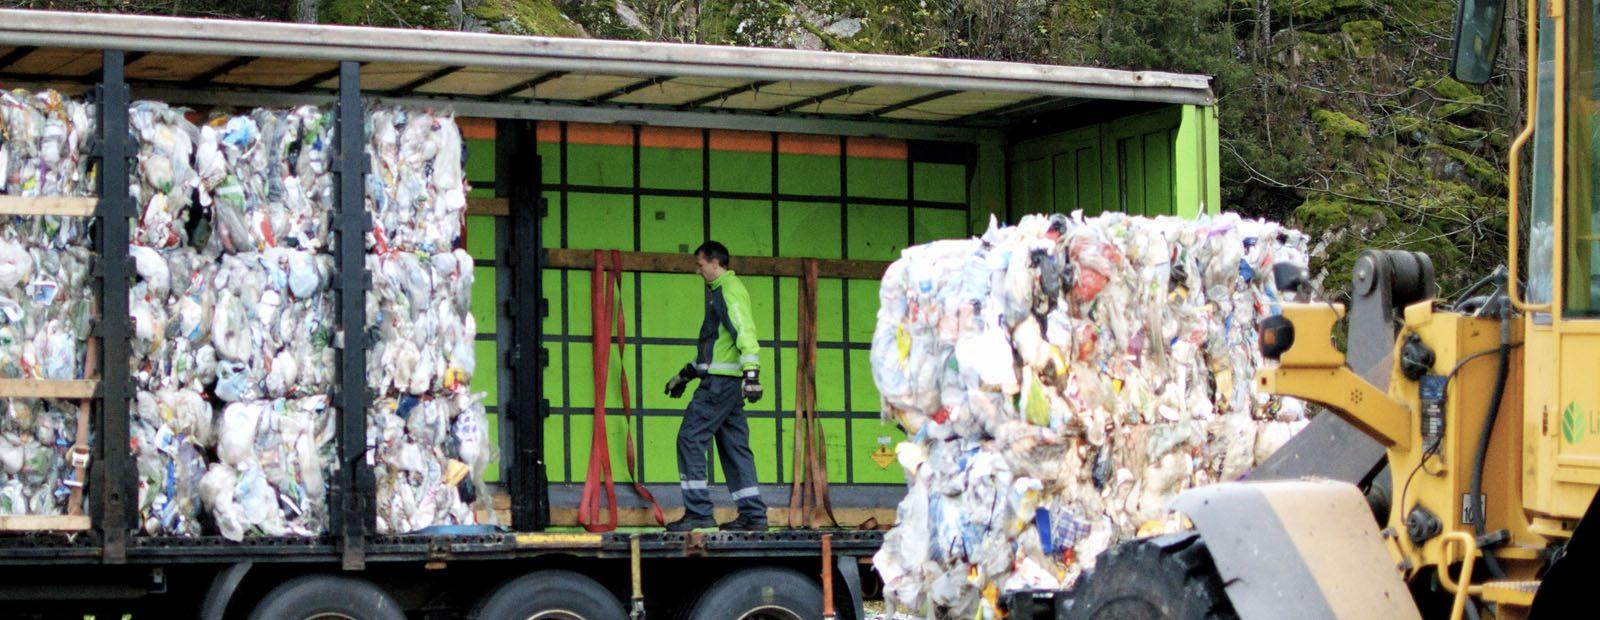 PLASTFRAKT. Skitten plastemballasje kan forurense annet innlevert plastavfall under transport. Foto: Grønt Punkt/Jens Ross Semb